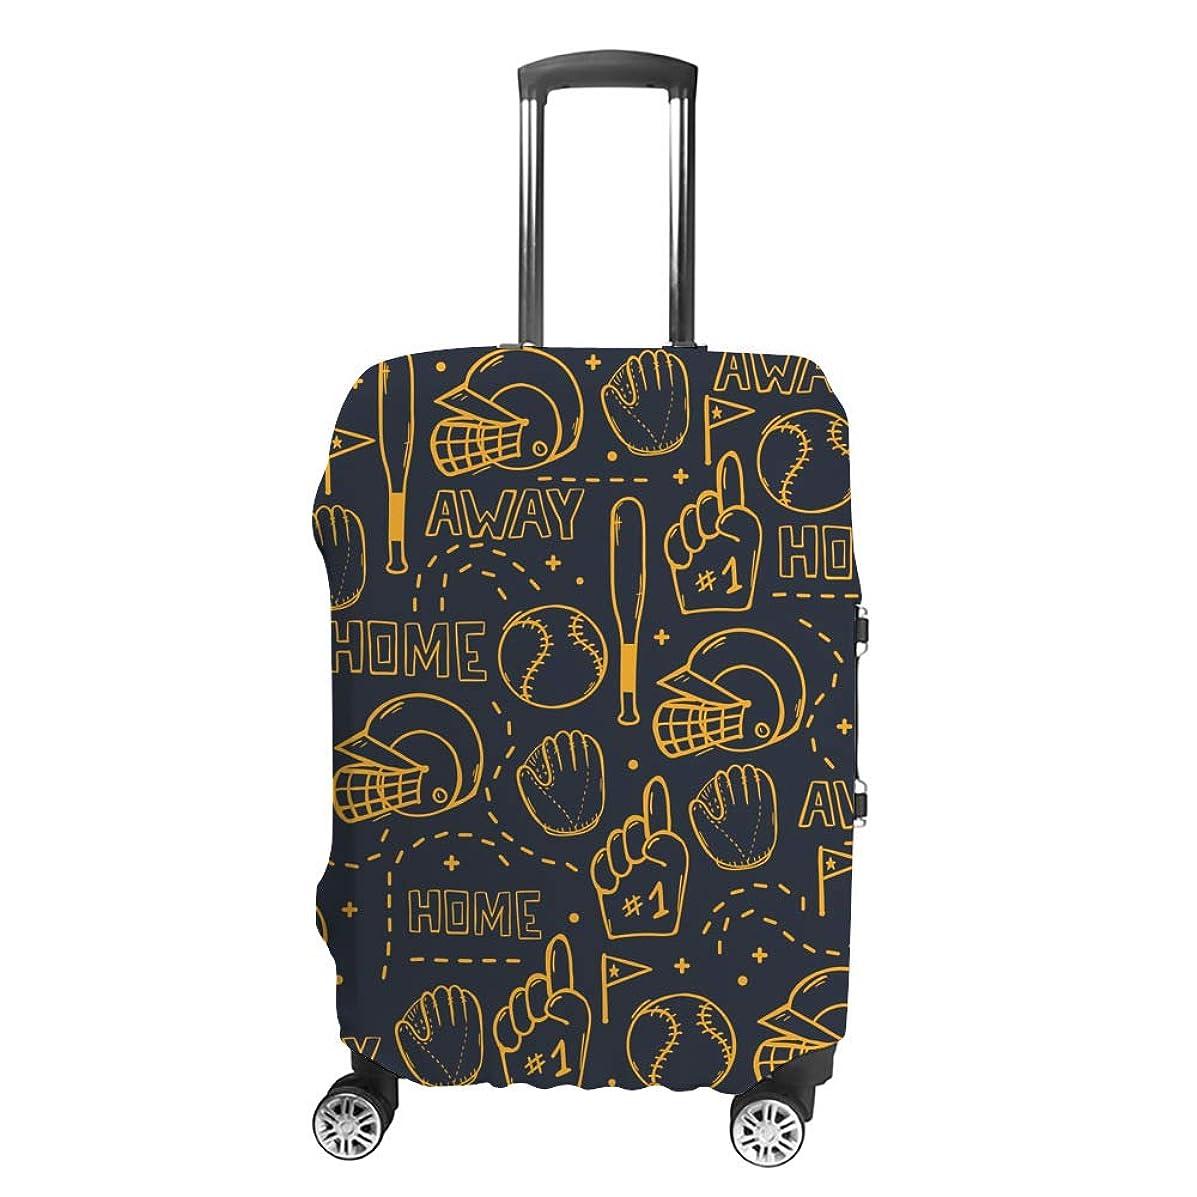 前件資格湿気の多いスーツケースカバー ?野球 手描き 伸縮素材 キャリーバッグ お荷物カバ 保護 傷や汚れから守る ジッパー 水洗える 旅行 出張 S/M/L/XLサイズ